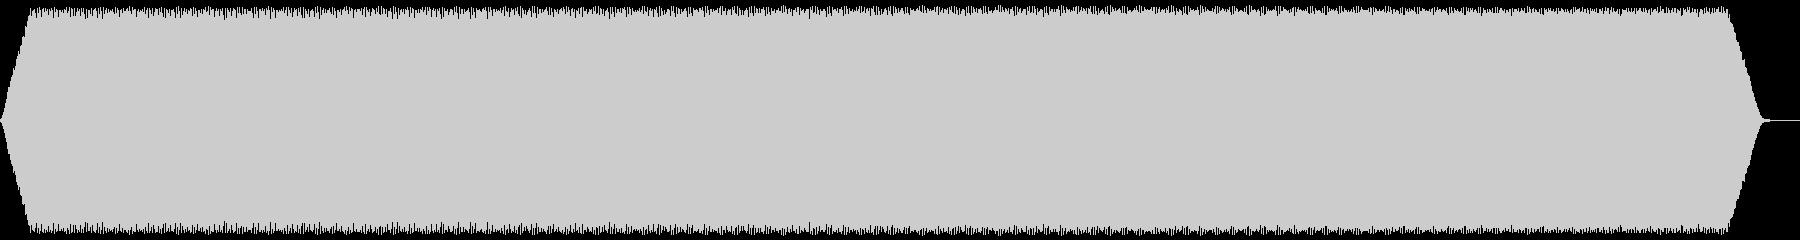 【アンビエント】ドローン_28 実験音の未再生の波形